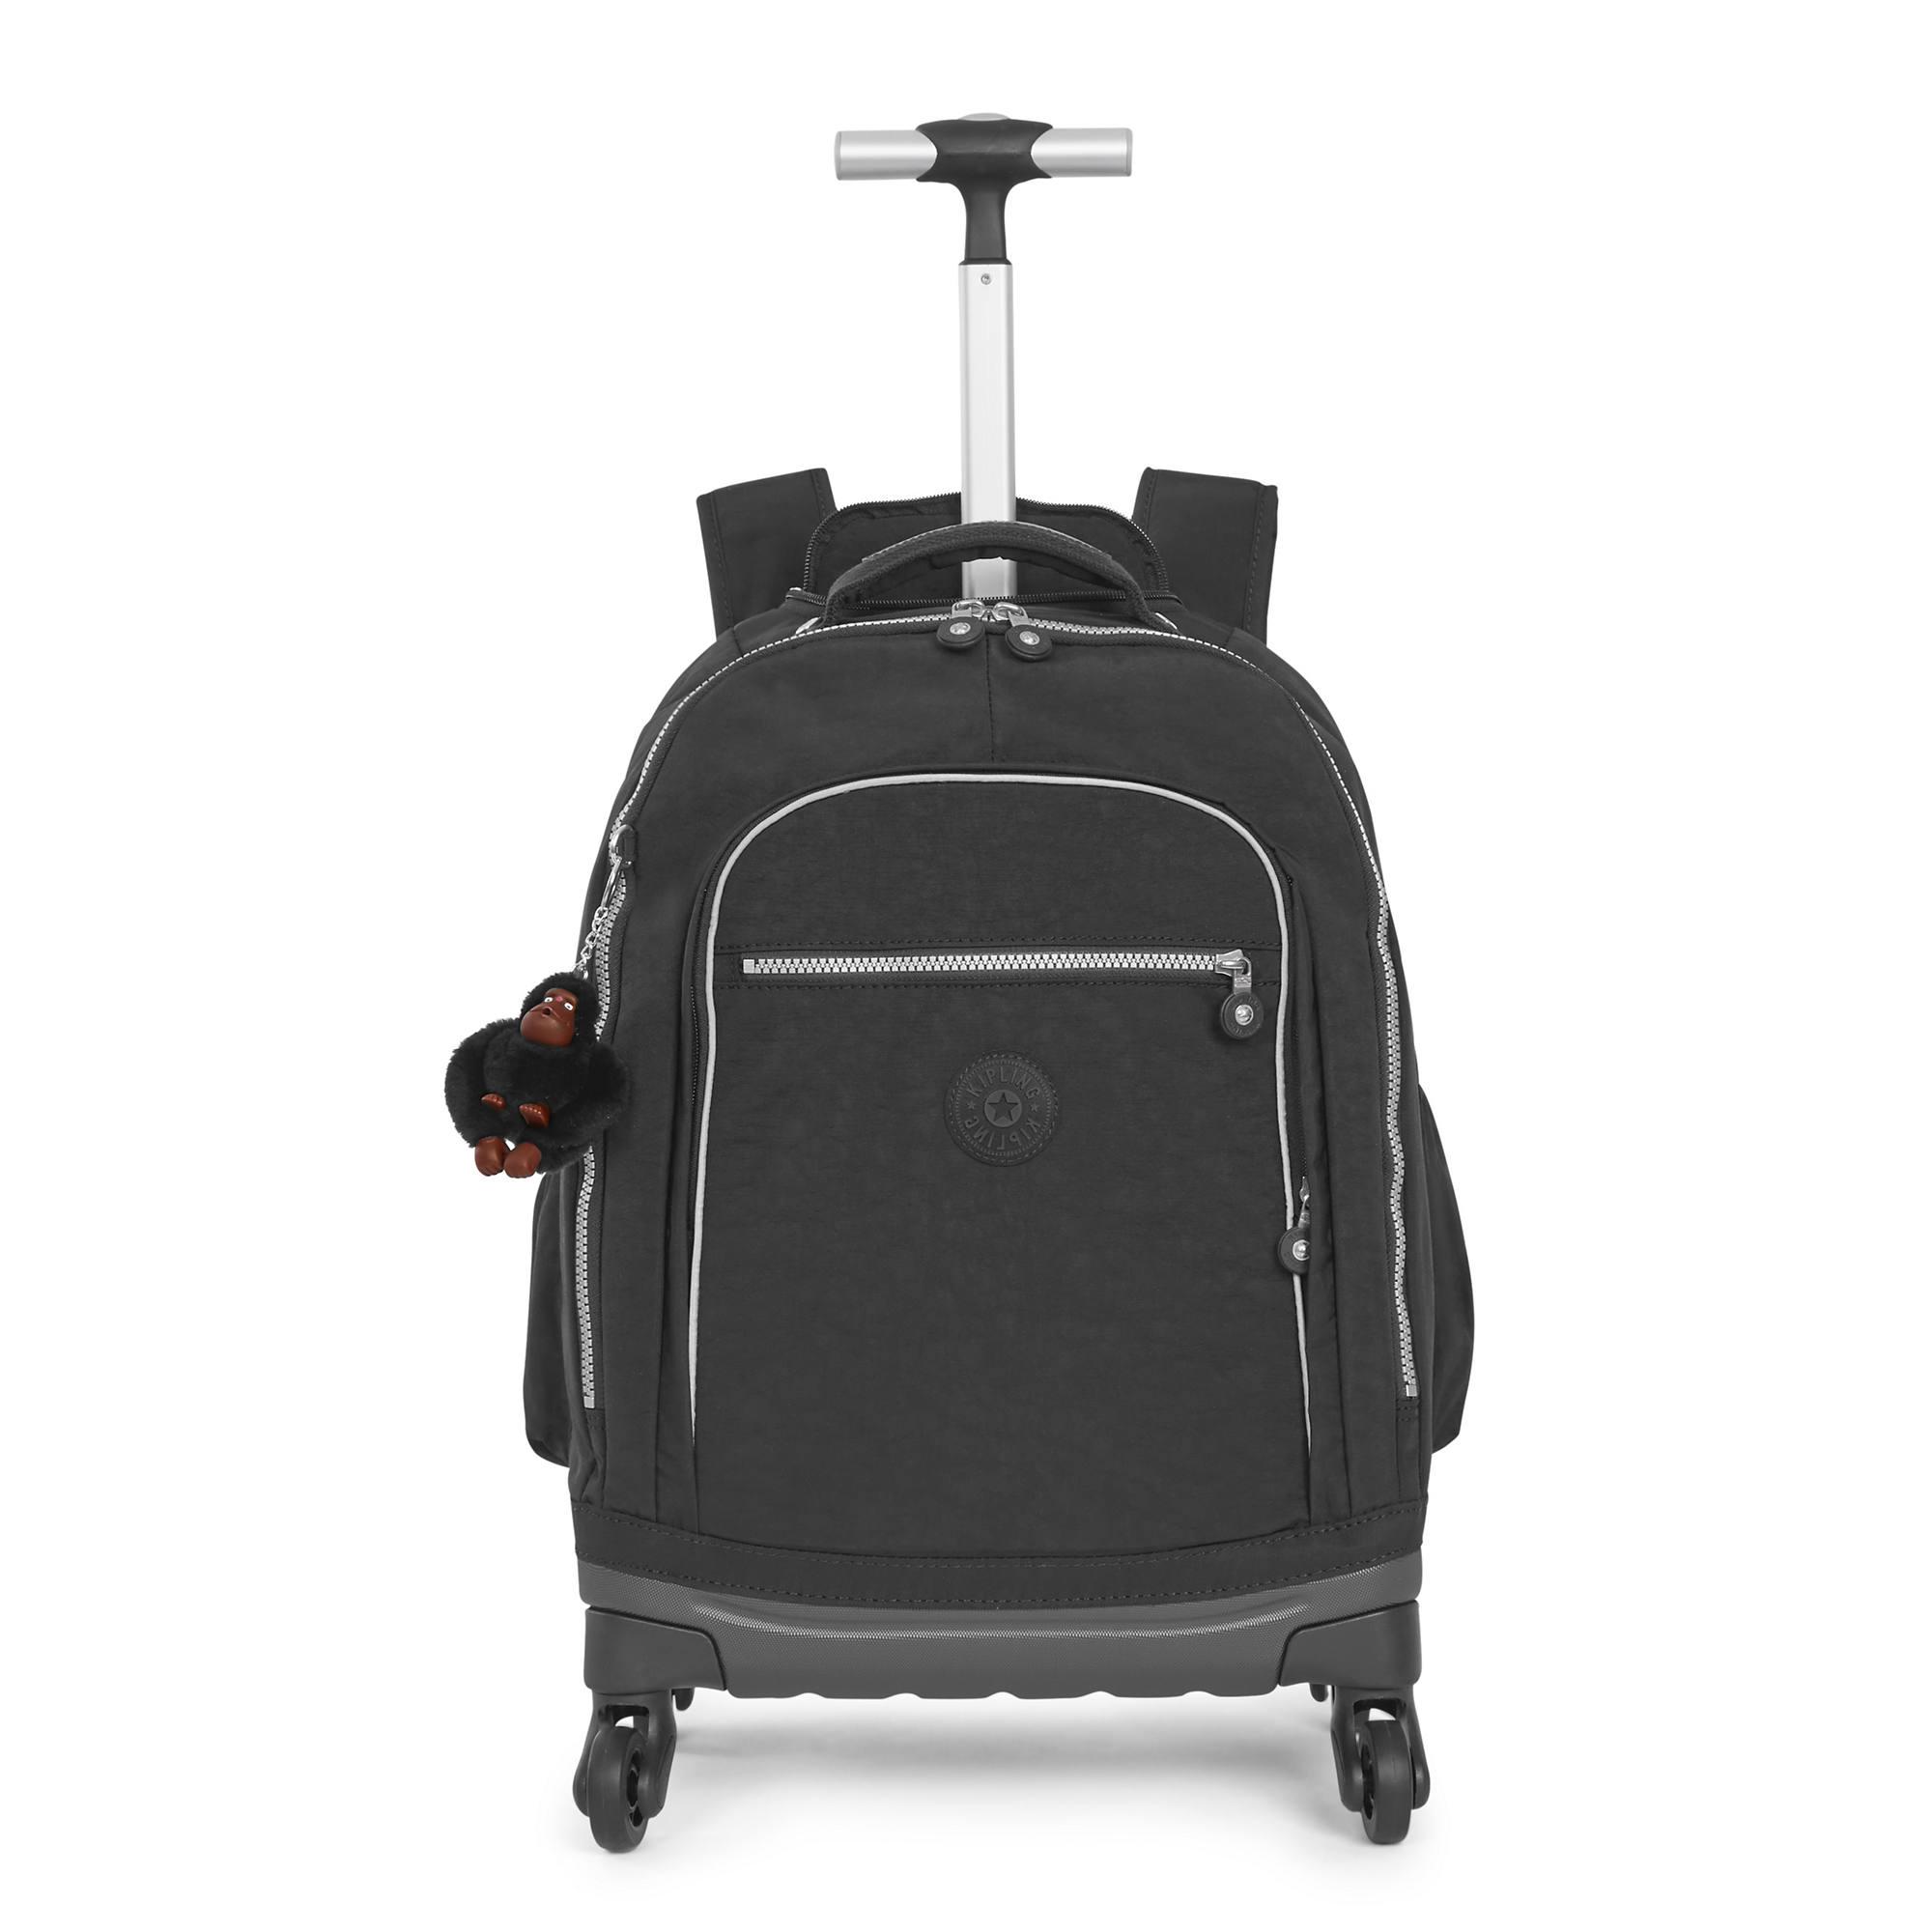 b72c36a71 Echo II Rolling Backpack,Black Classic,large